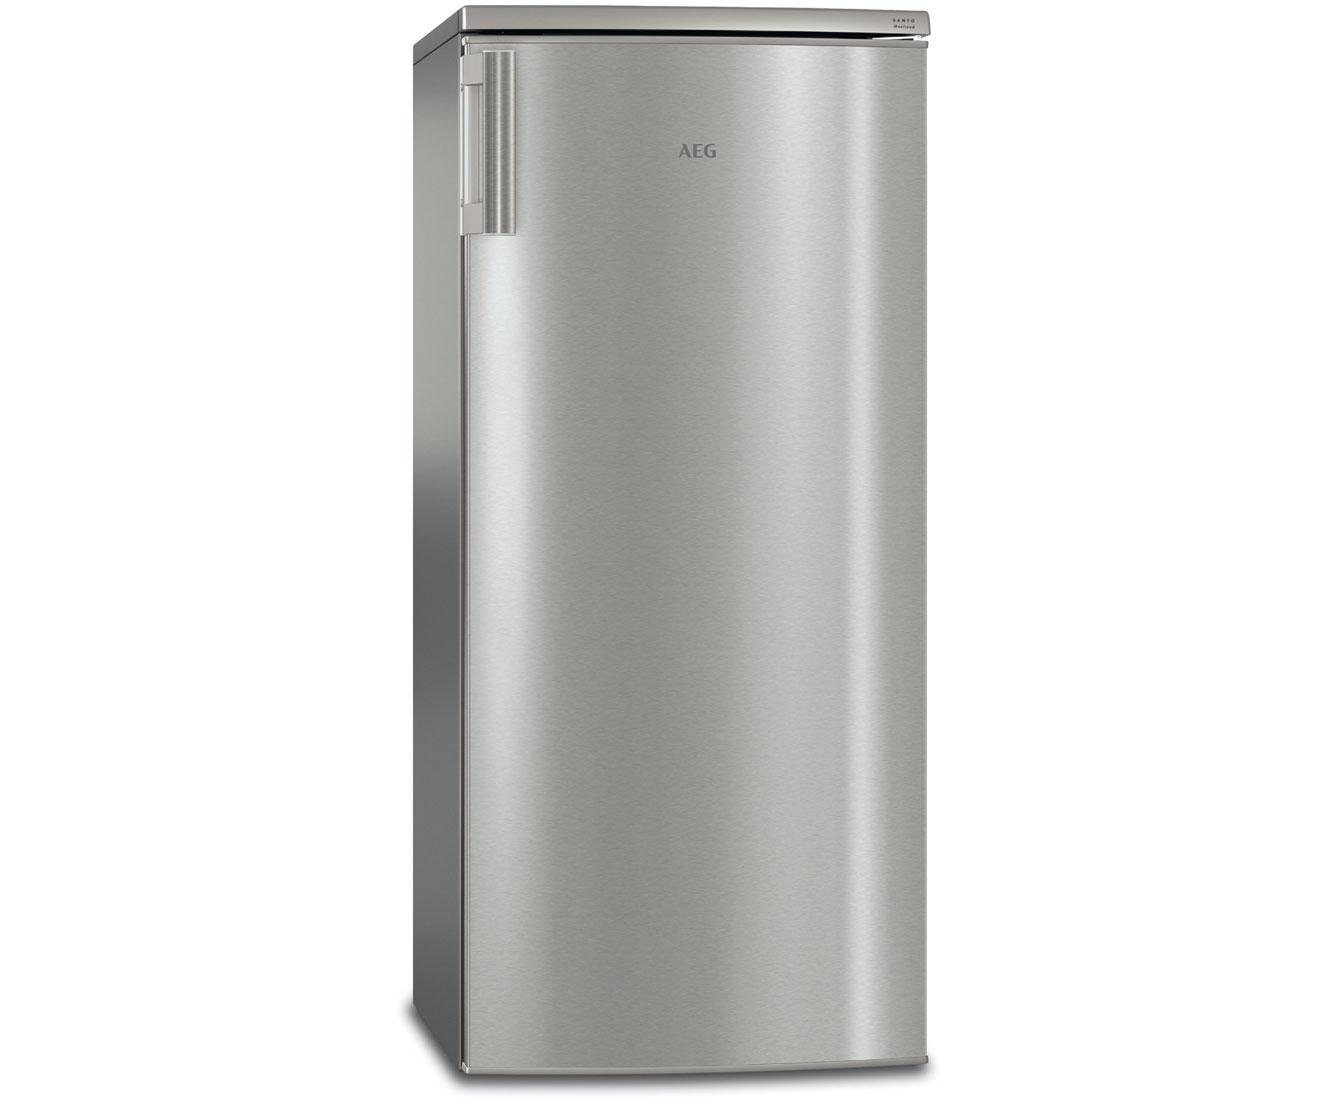 Aeg Kühlschrank Garantie : Aeg rkb ax kühlschrank santo freistehend cm edelstahl neu ebay